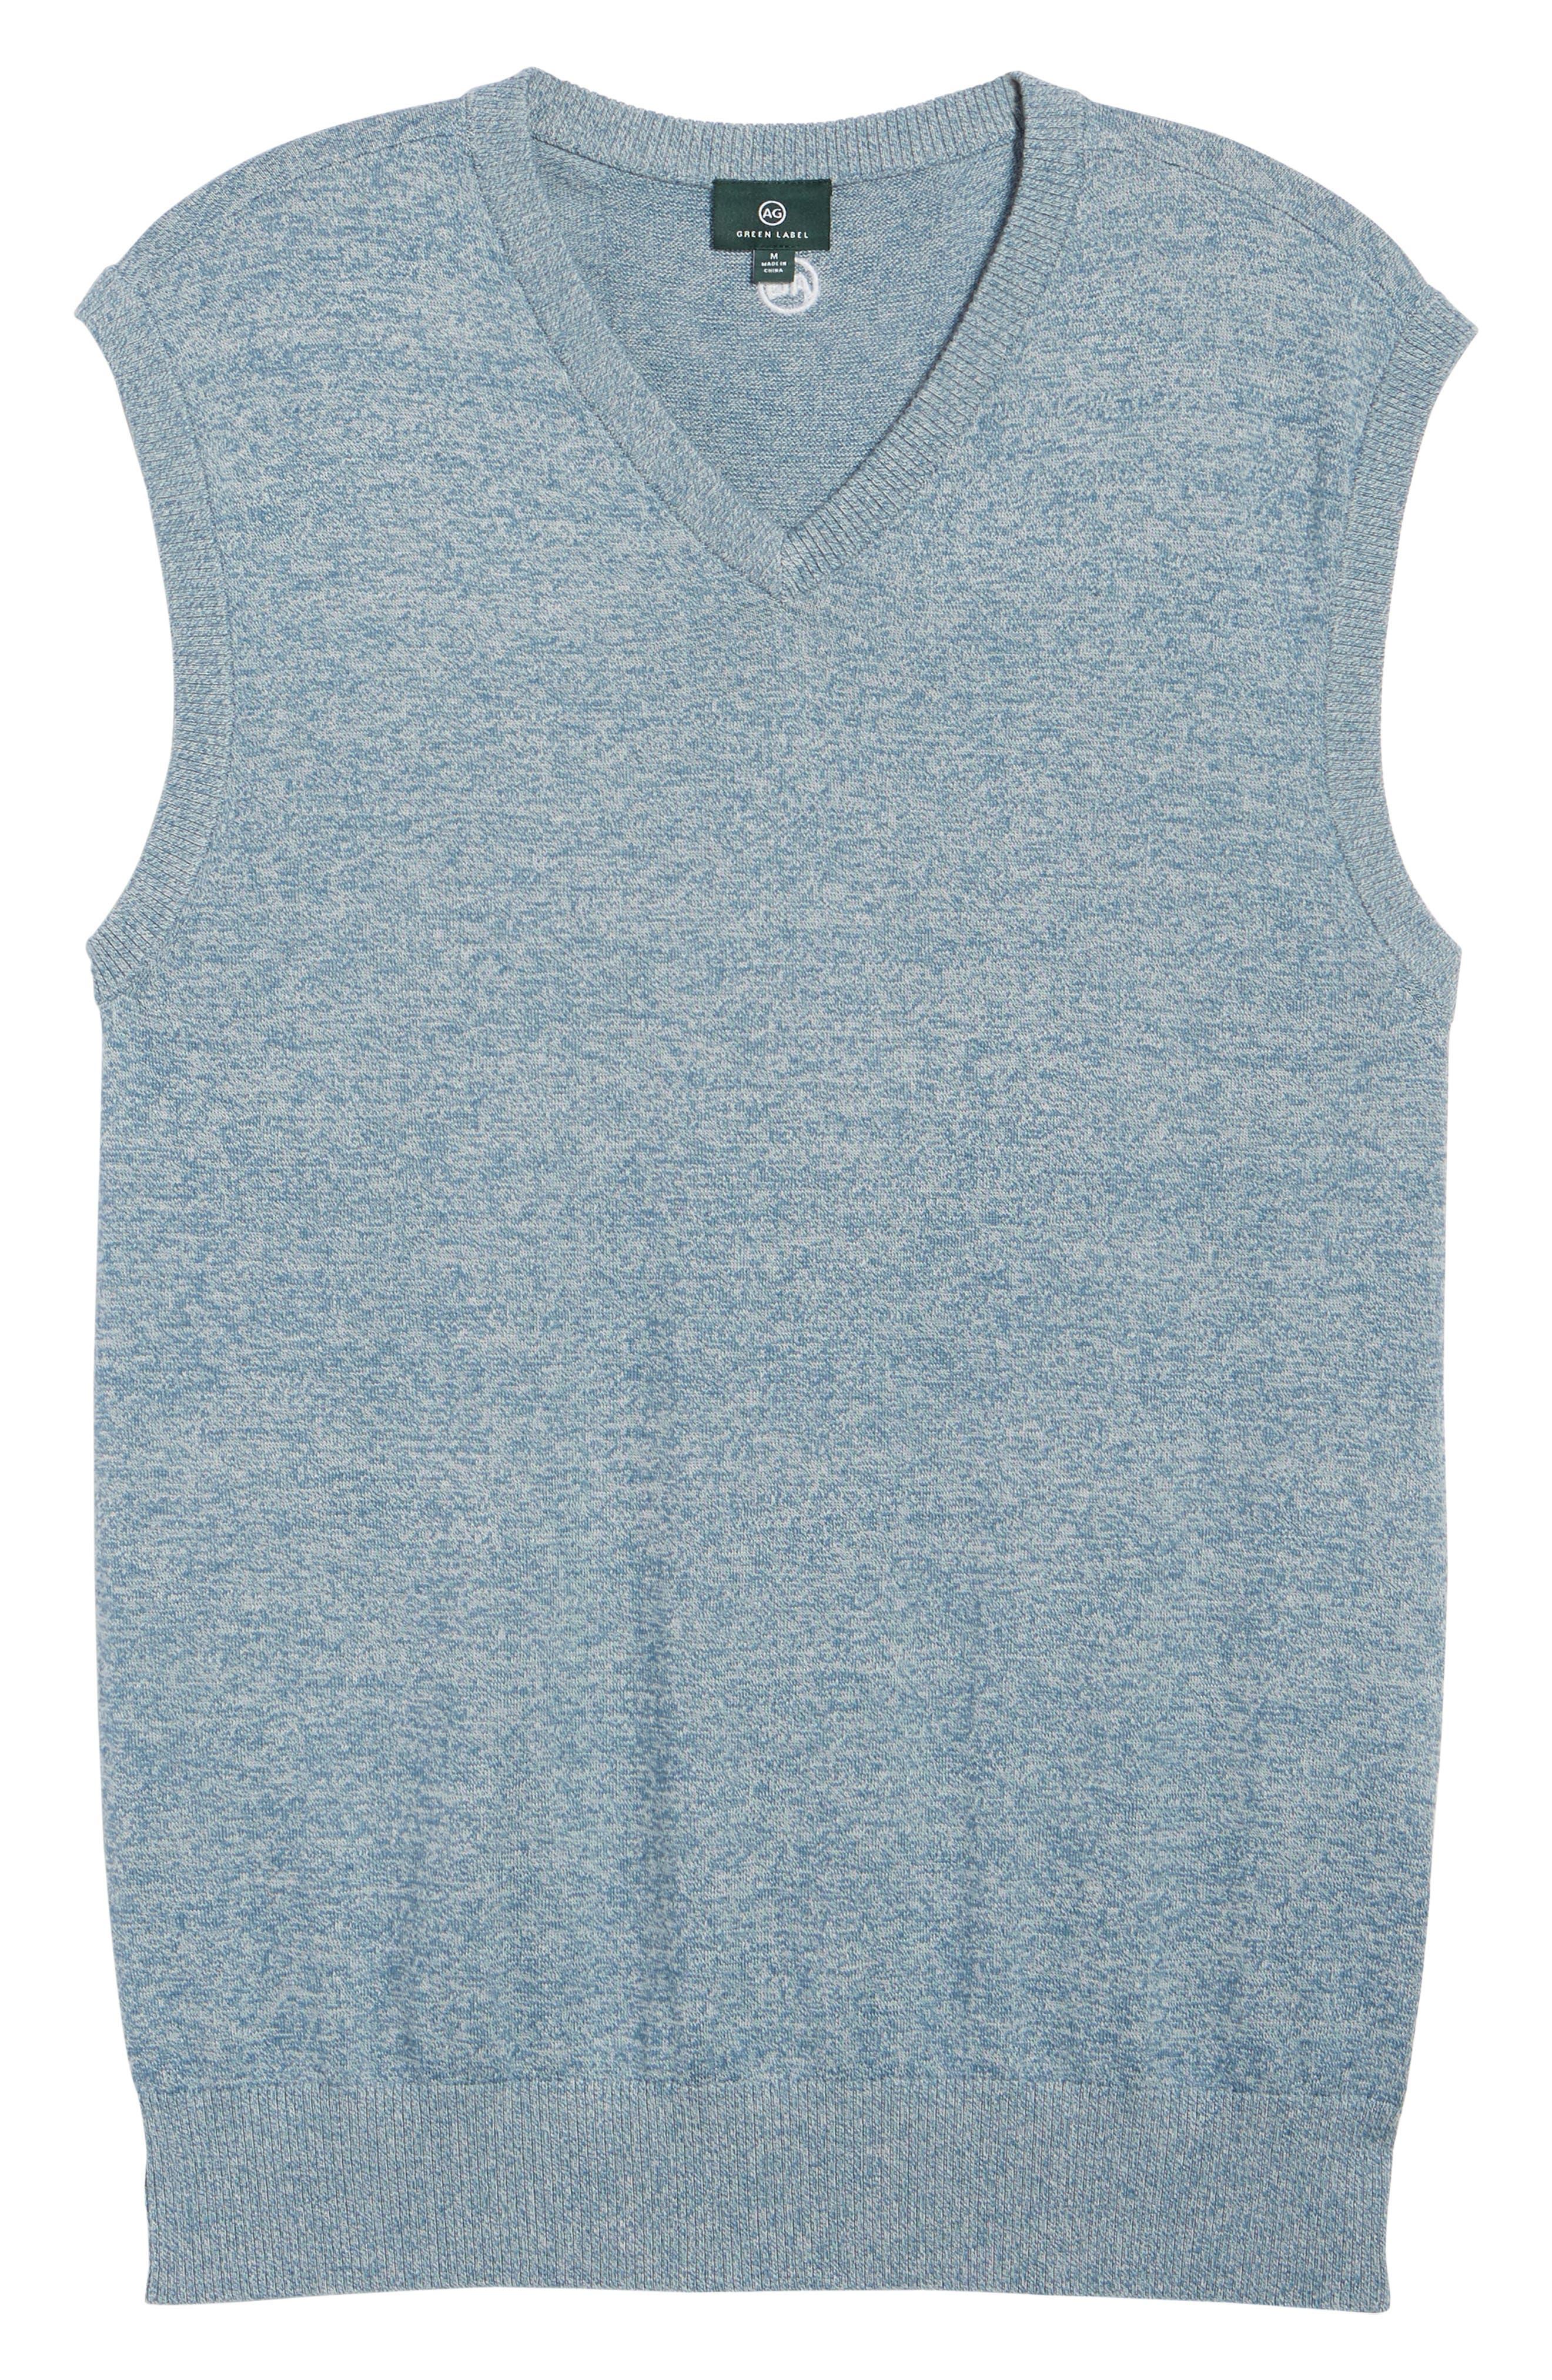 Valley V-Neck Sweater Vest,                             Alternate thumbnail 6, color,                             Blue Print/ White Melange